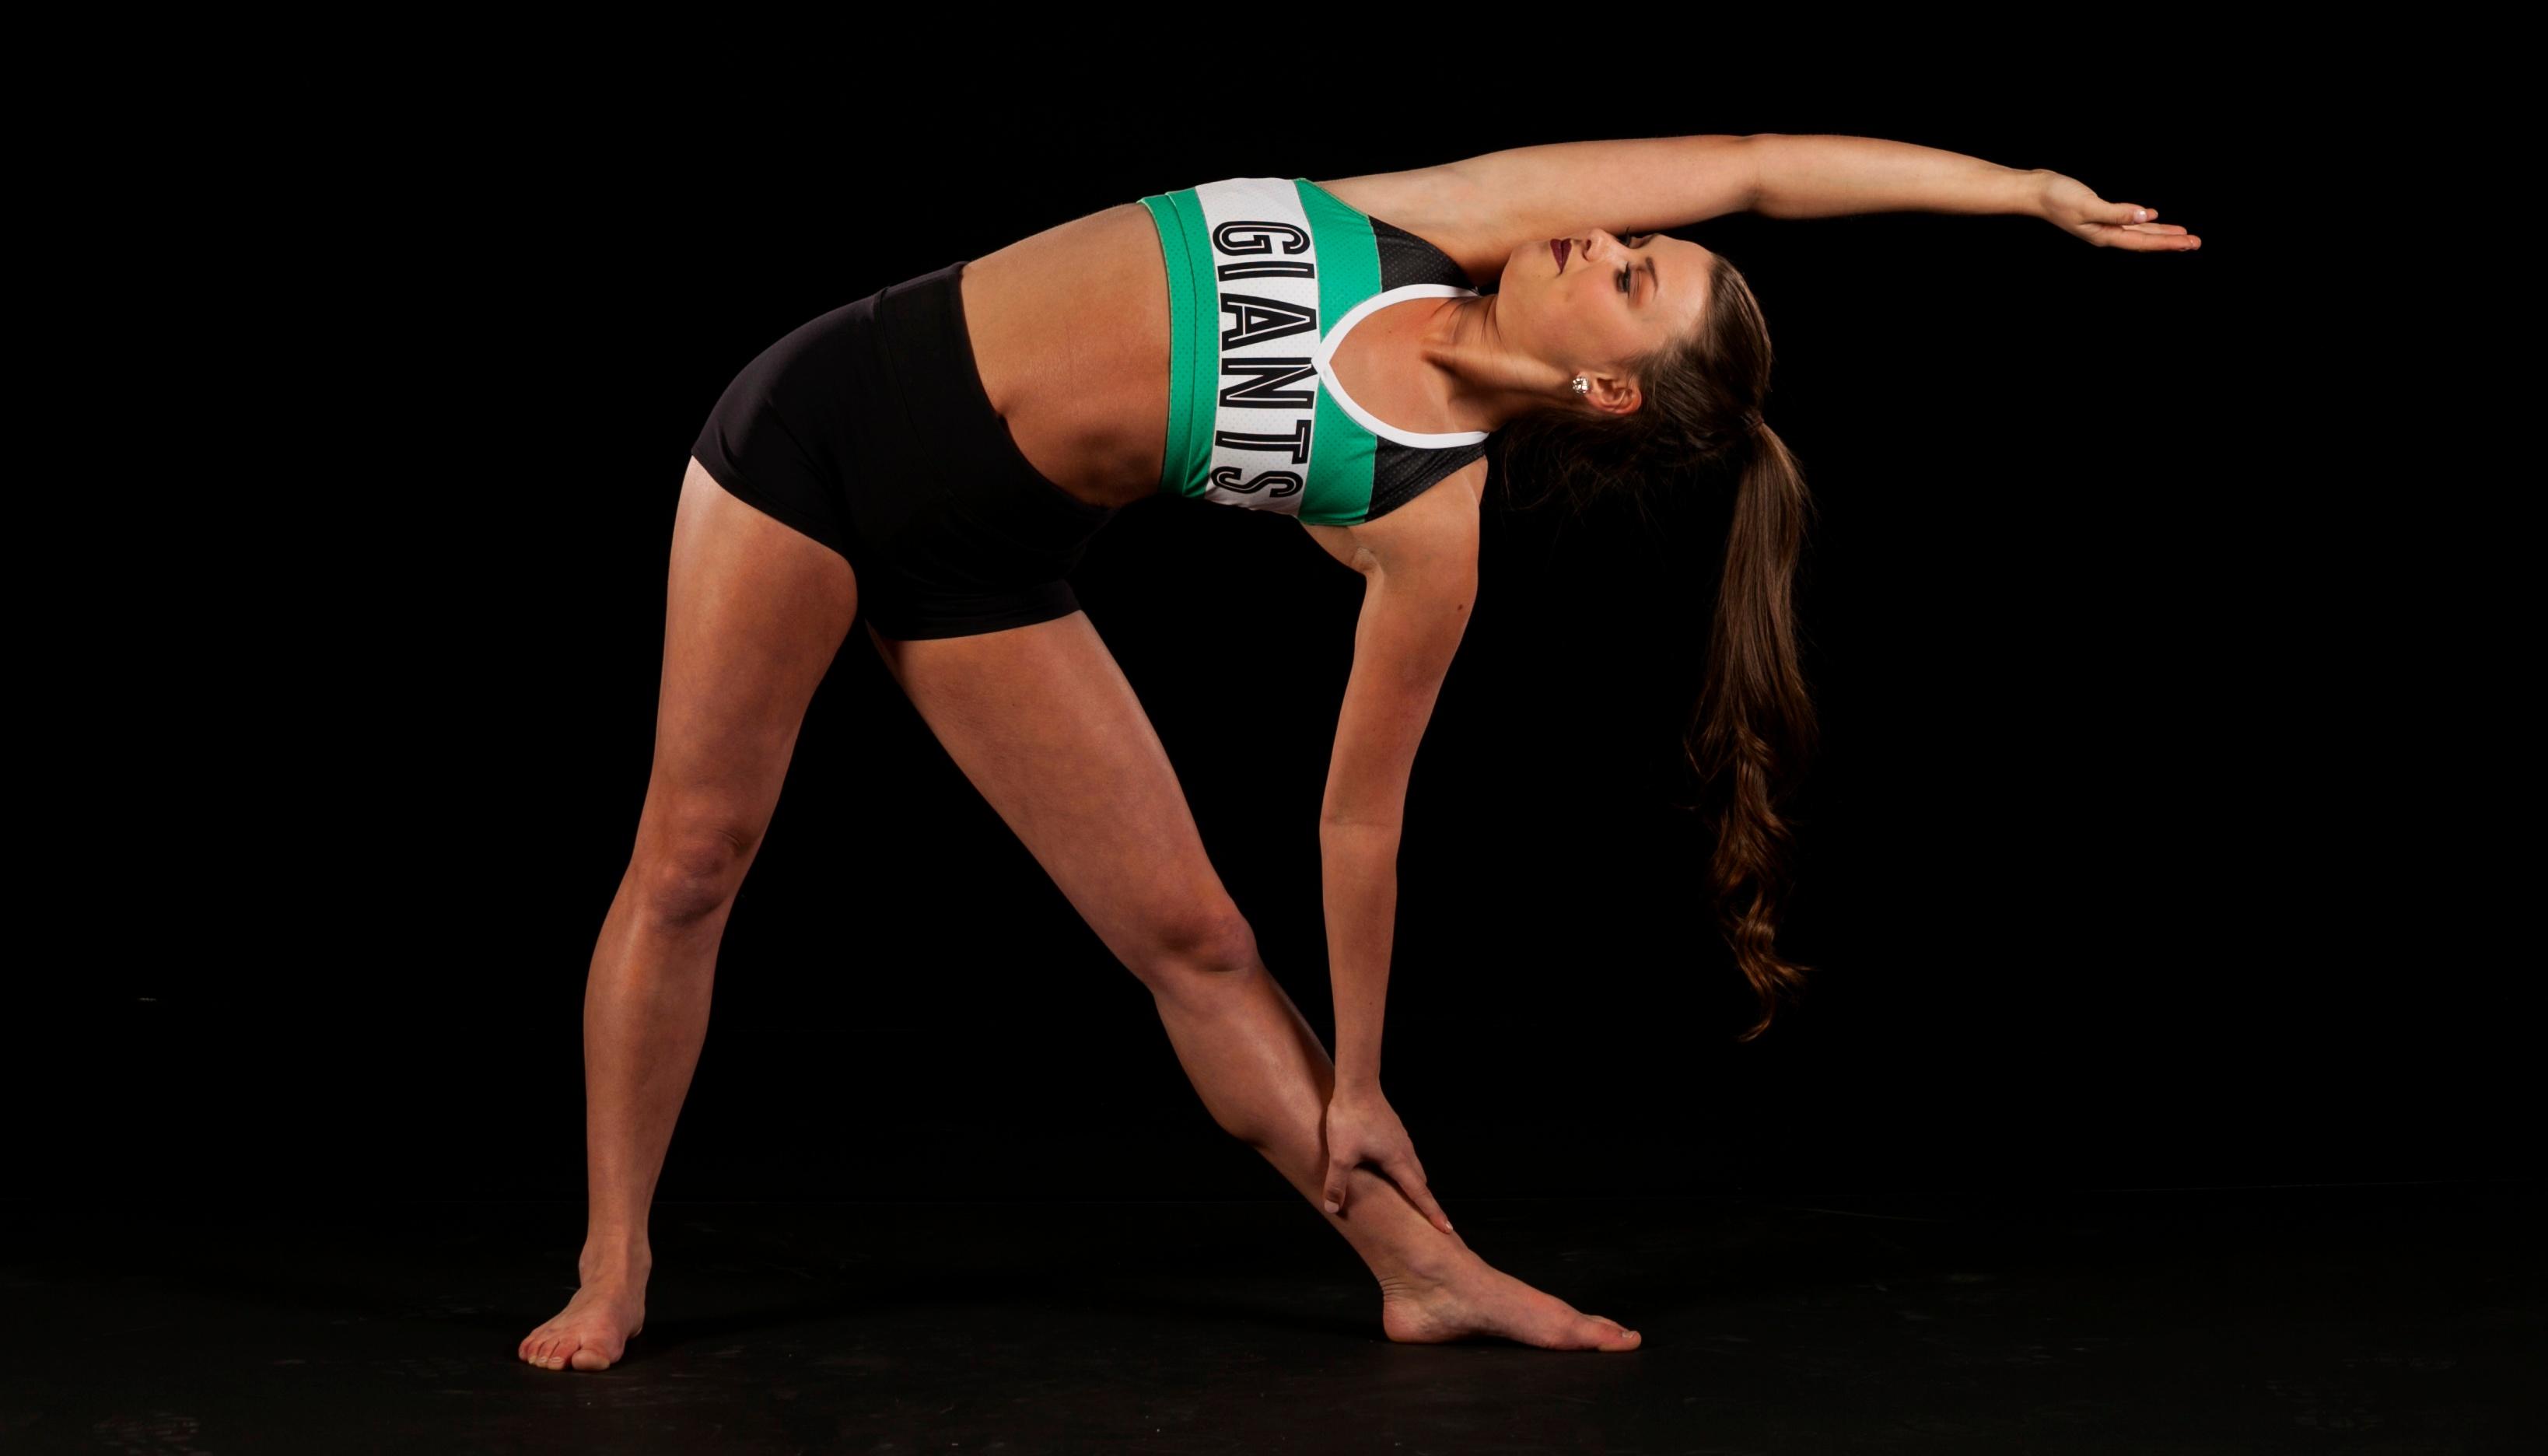 dancer stretch pose